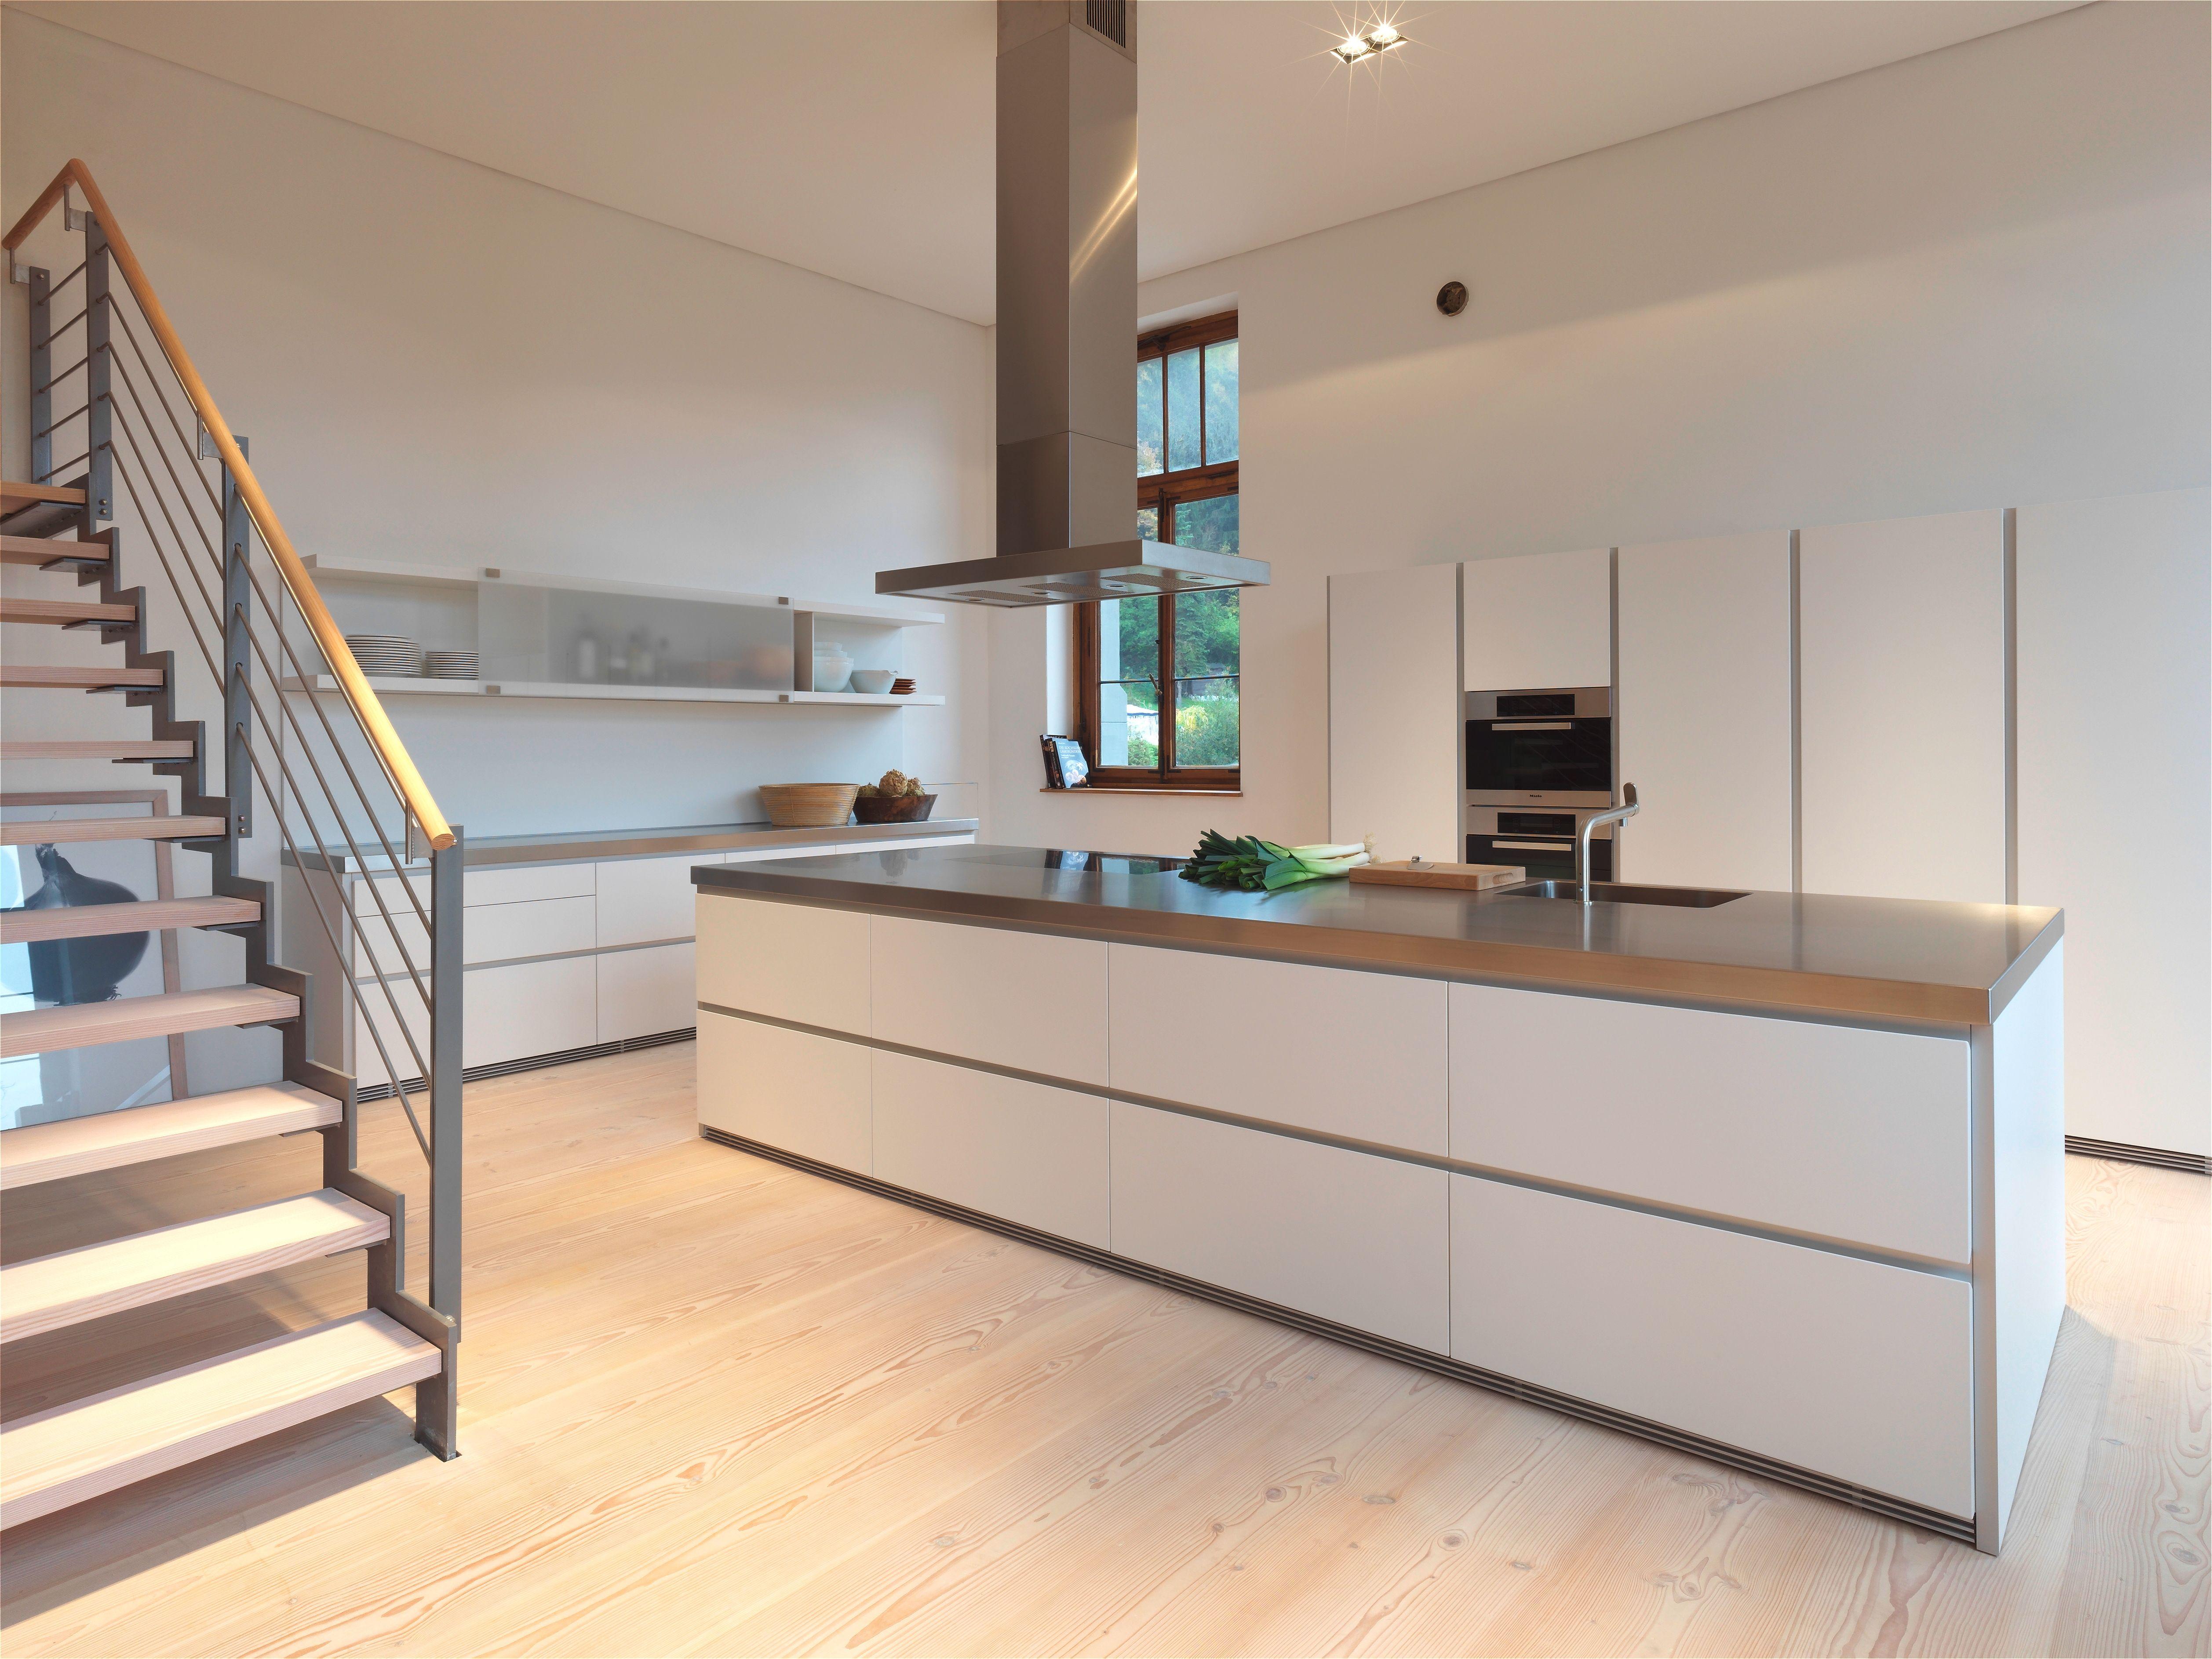 Bulthaup keuken b1 bij intermat mijdrecht, modern, strak, design ...